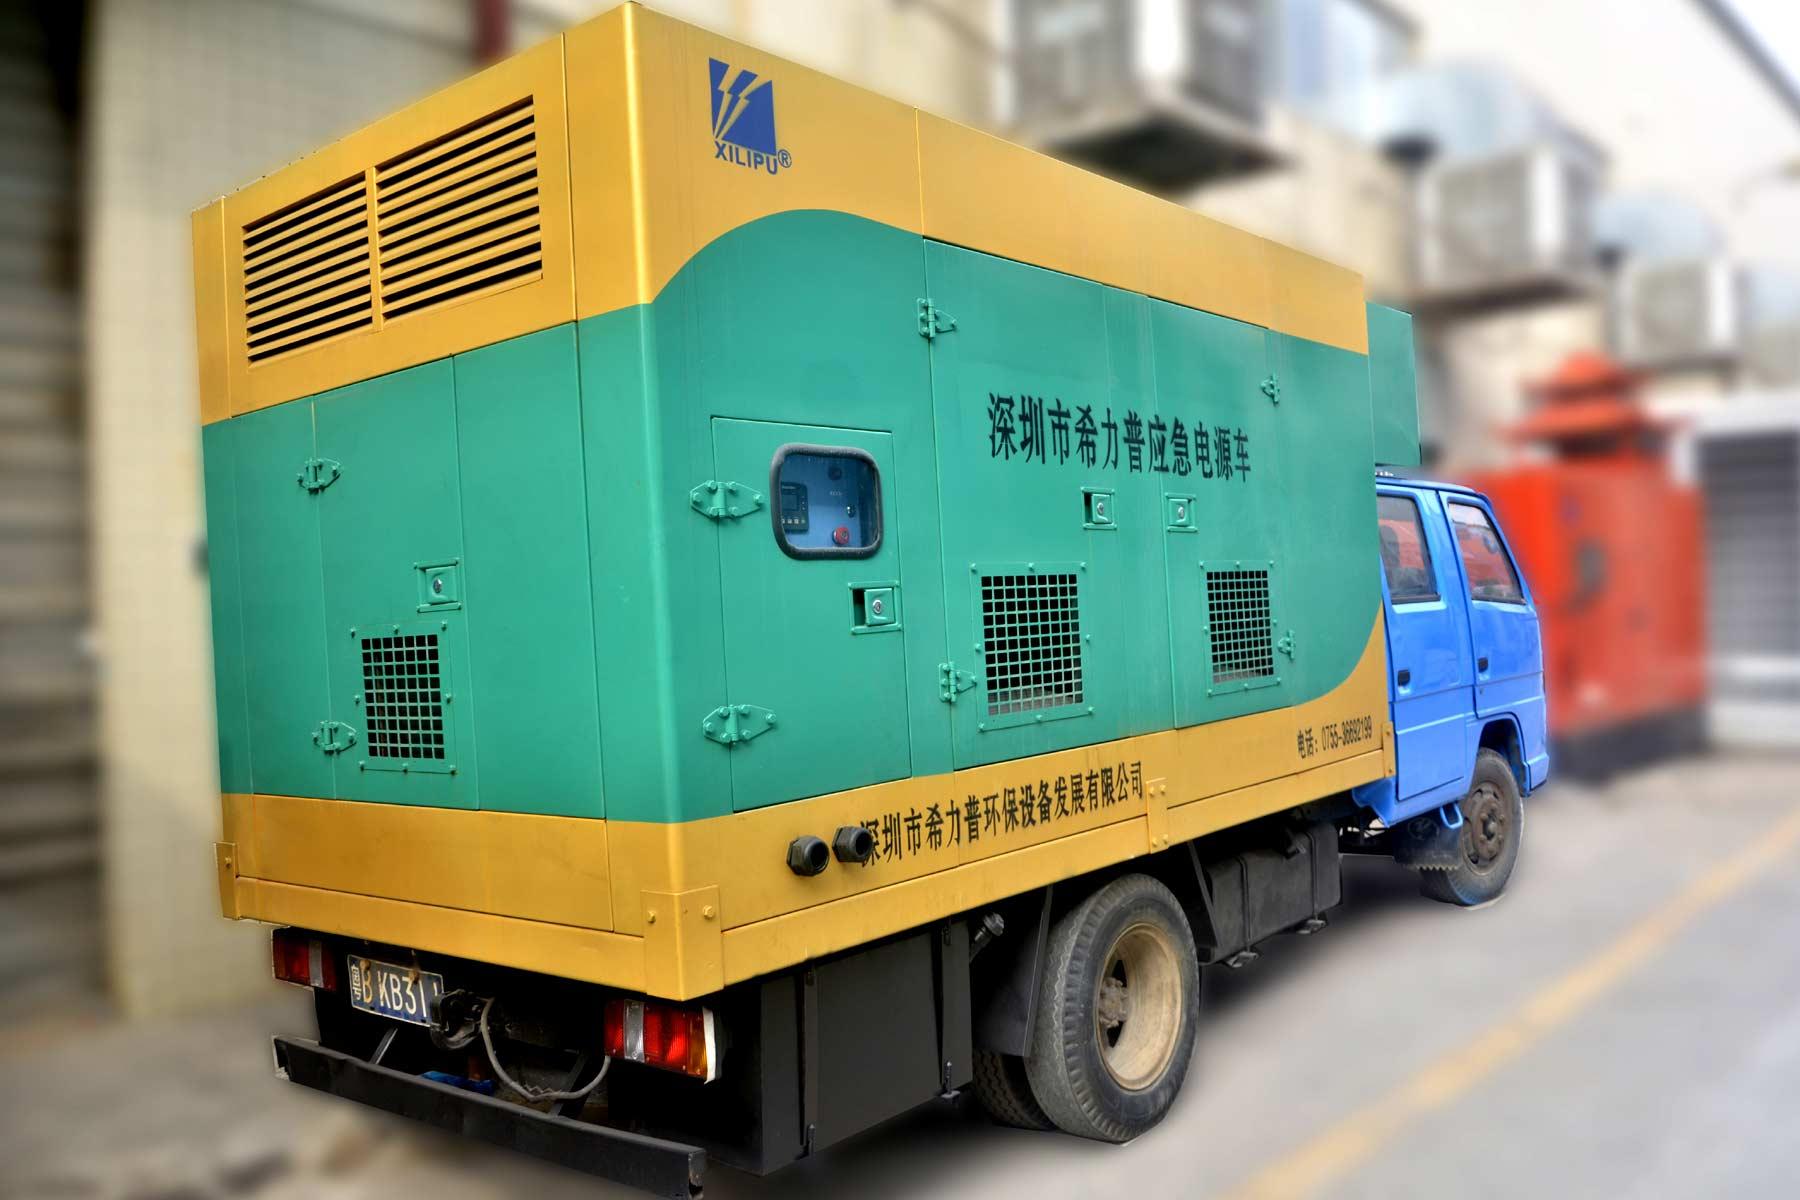 电源车价钱如何-深圳高性价电源车厂家推荐